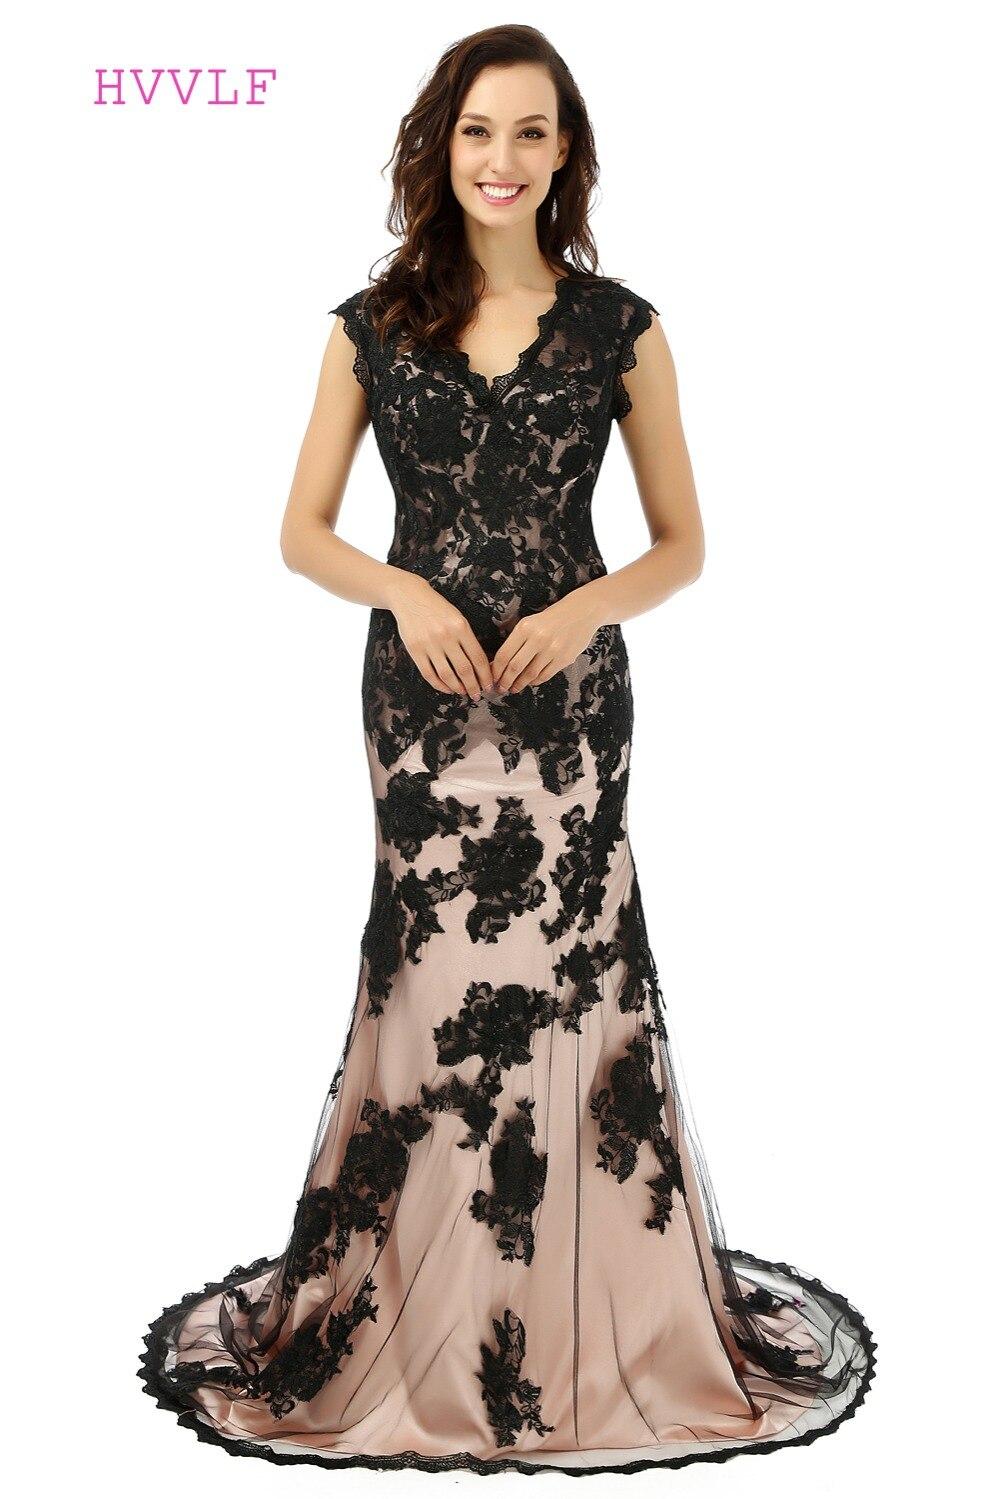 Les robes soiree 2018 noir